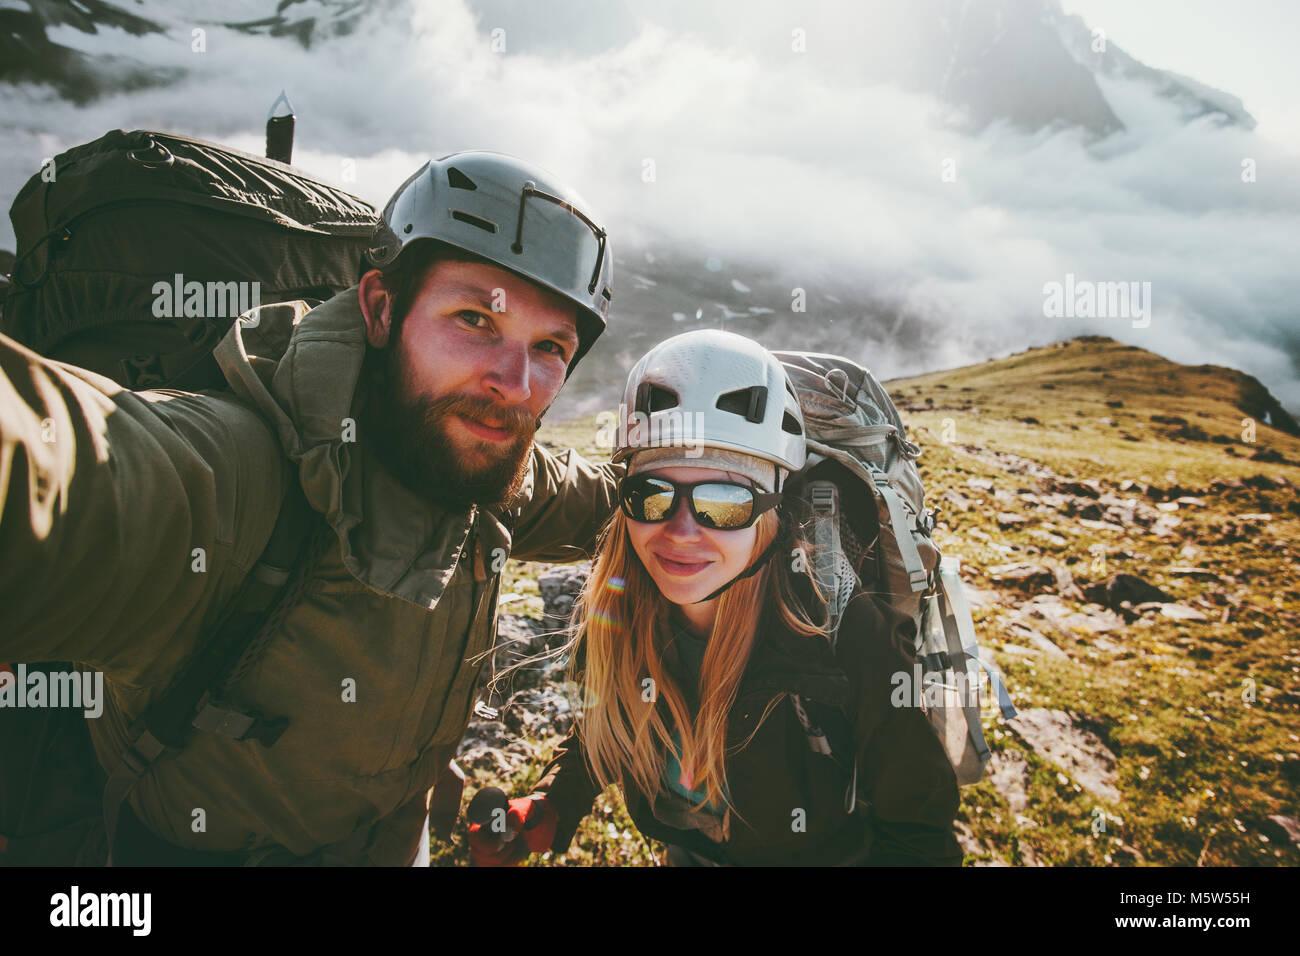 Pareja hombre y mujer selfie viaje senderismo en las montañas de amor y aventura wanderlust concepto de estilo Imagen De Stock